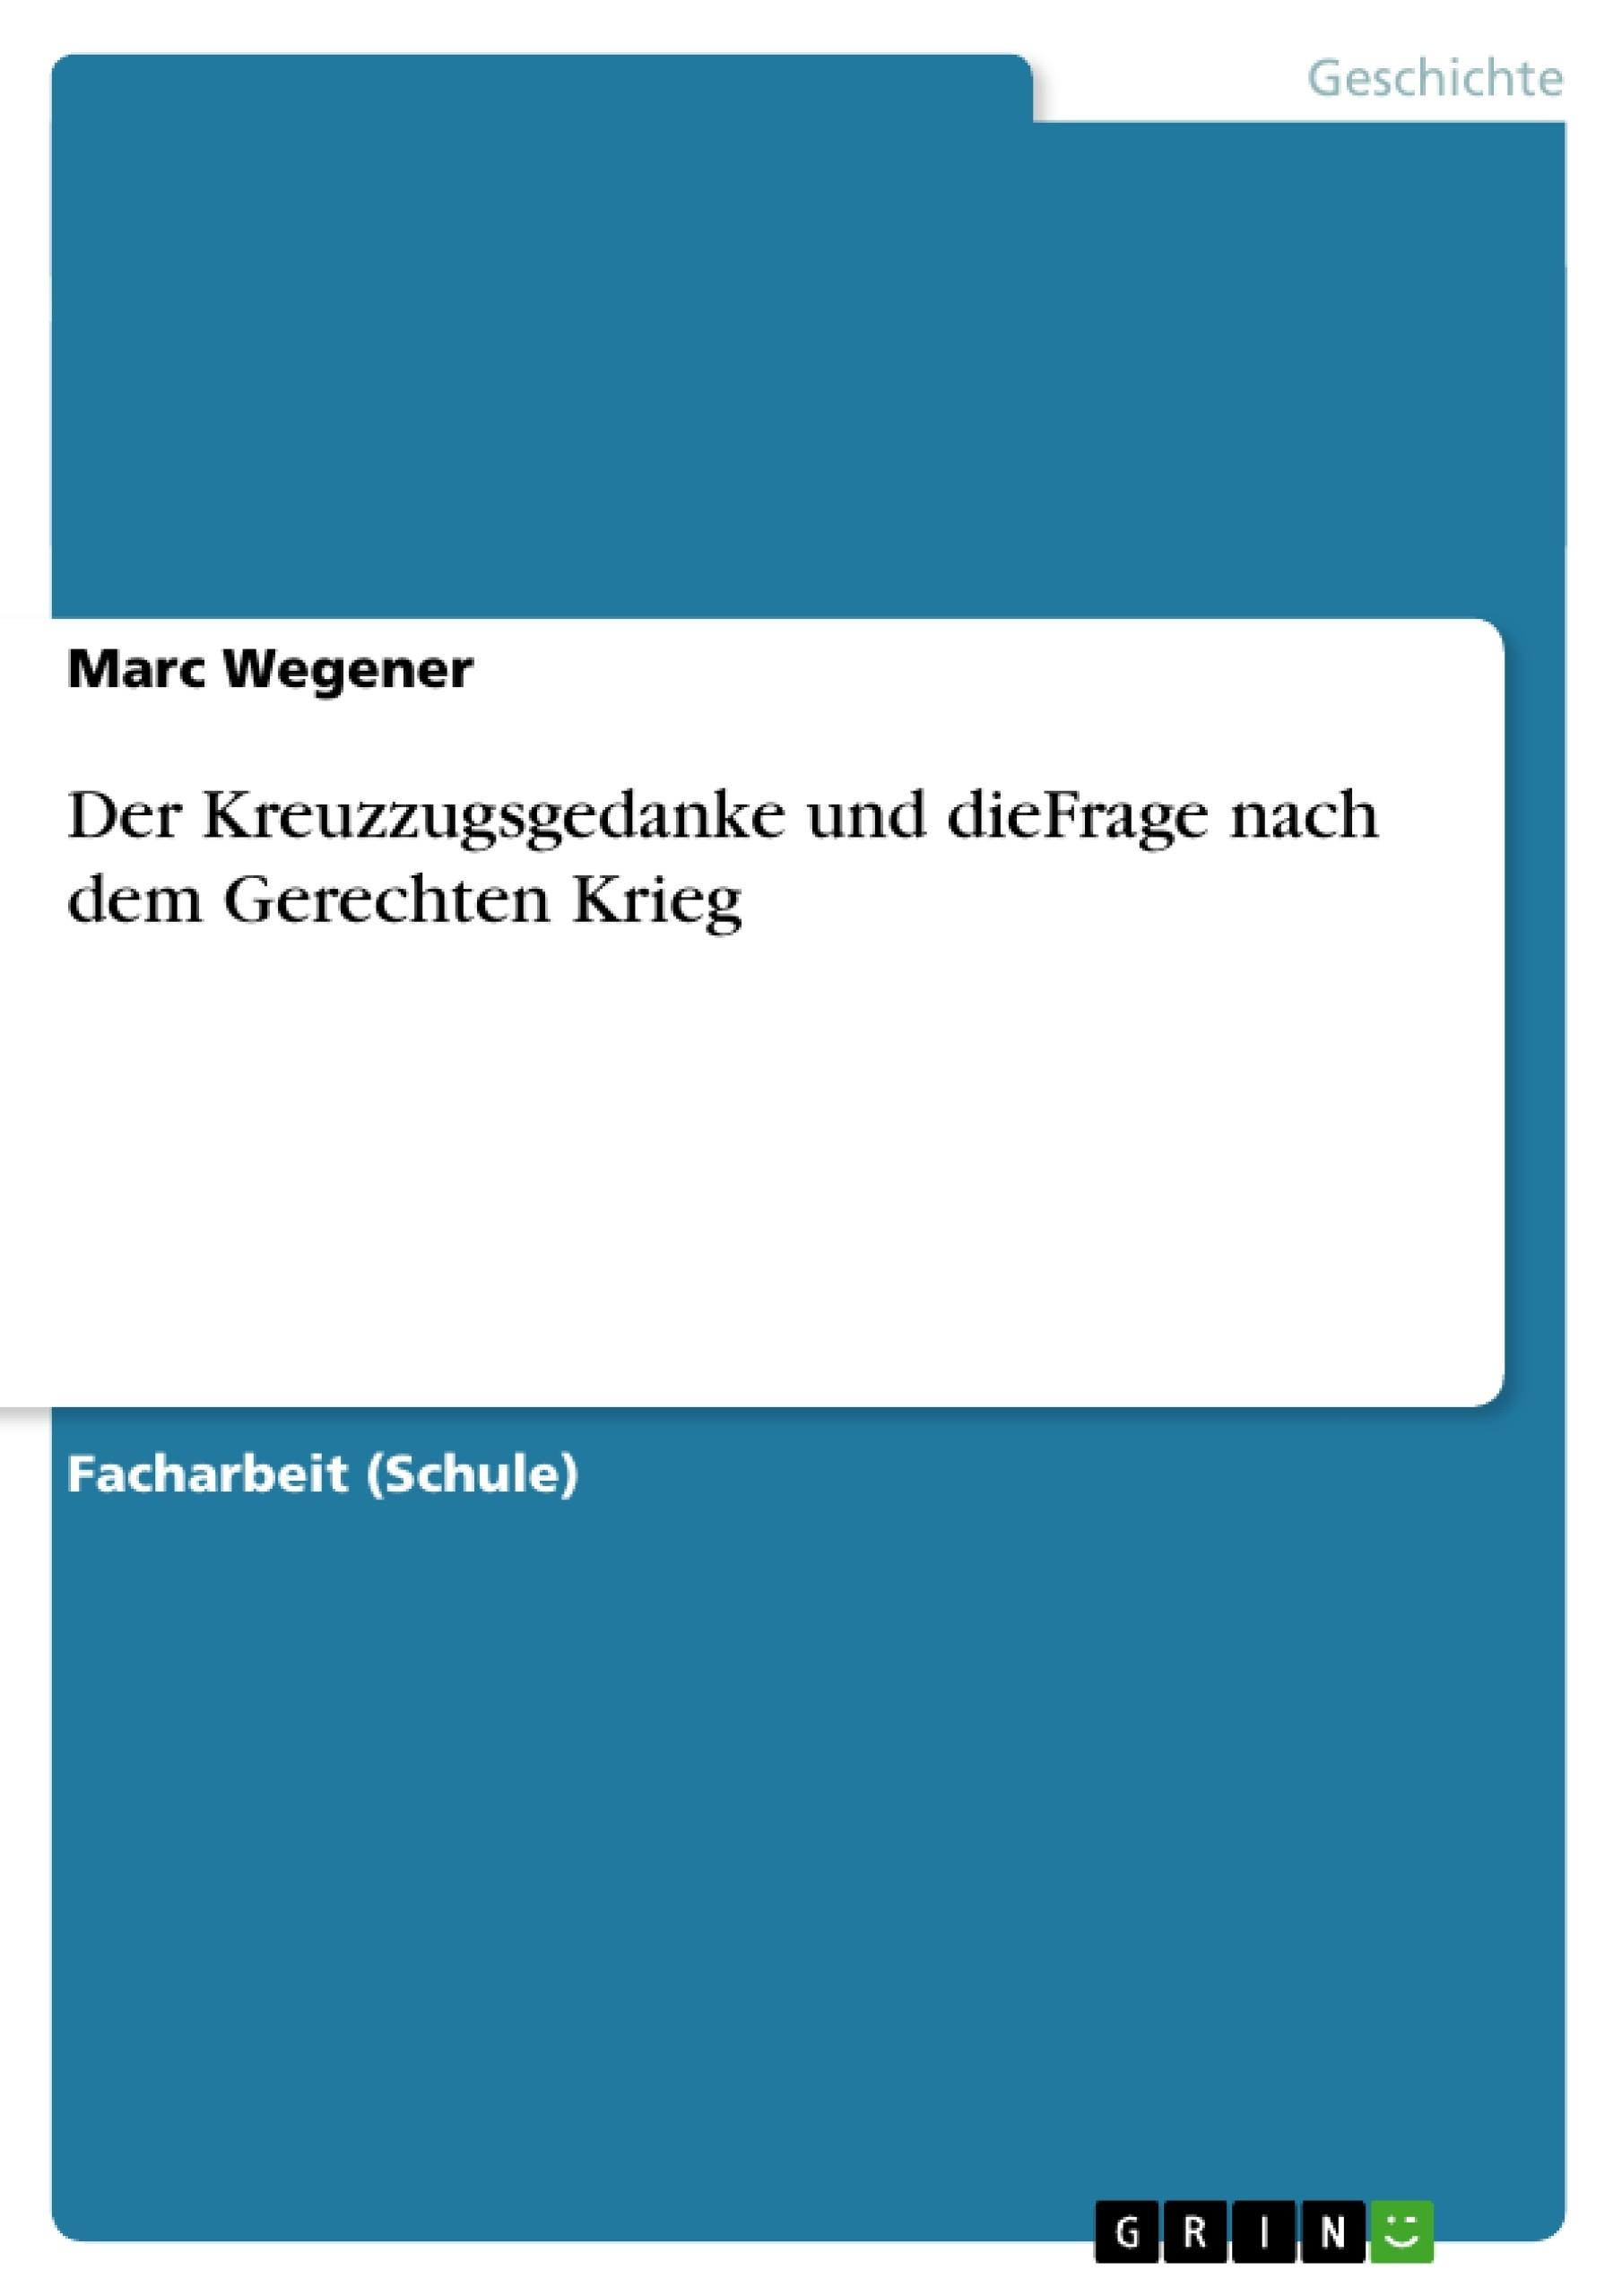 Titel: Der Kreuzzugsgedanke und dieFrage nach dem Gerechten Krieg